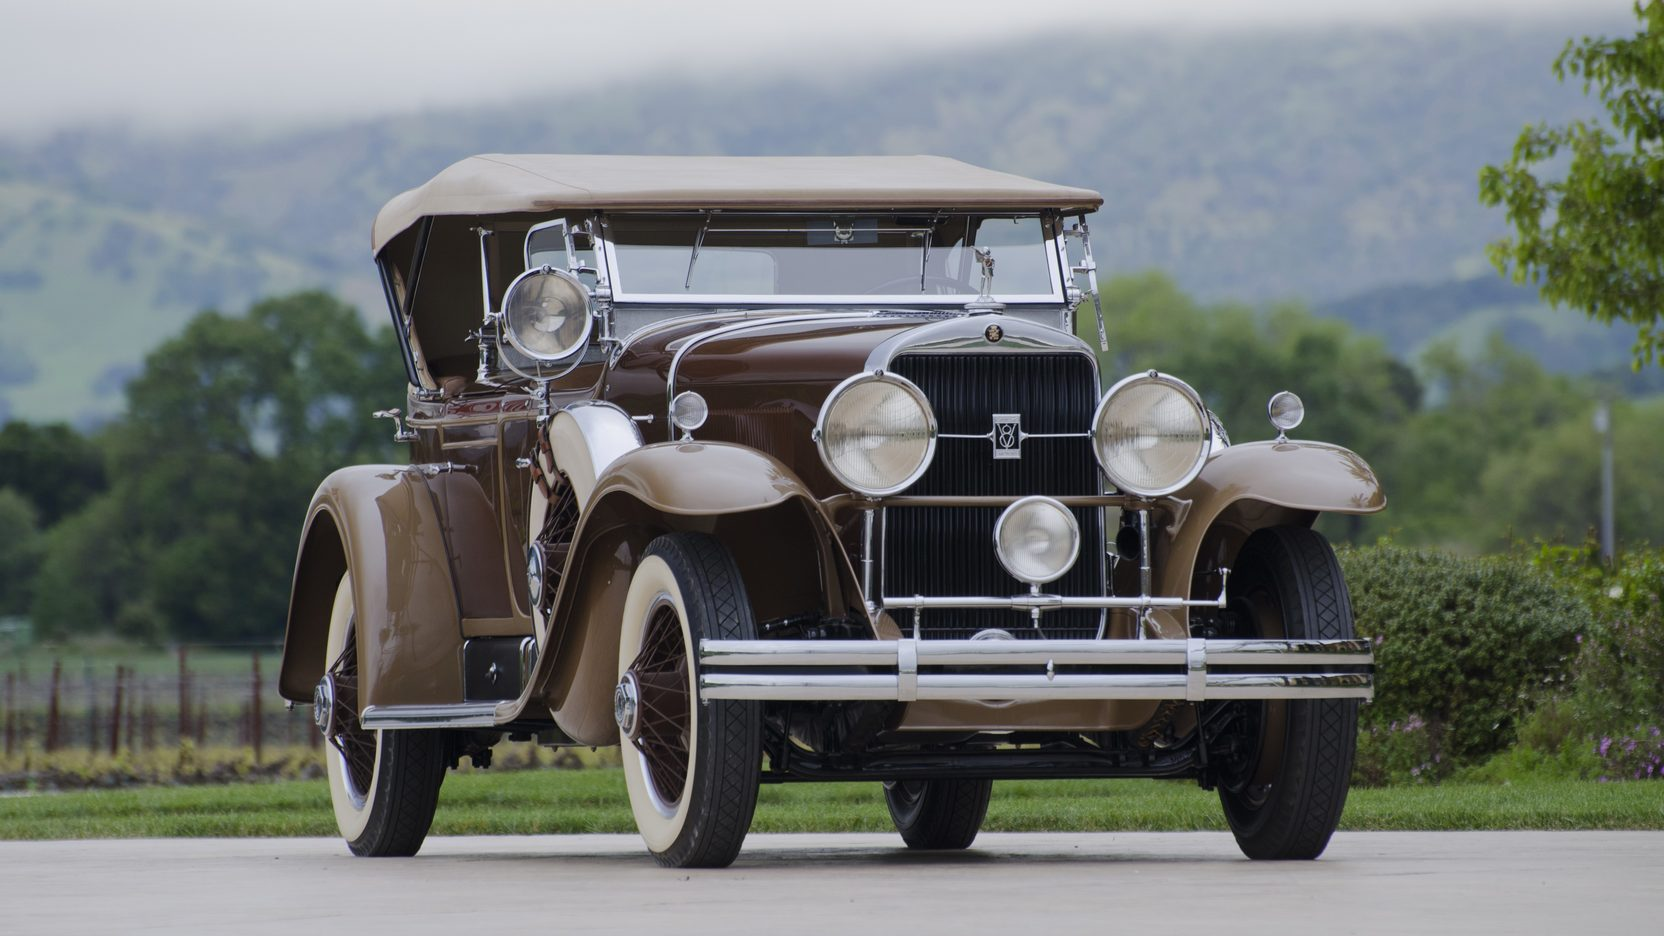 Images of 1929 Cadillac V-8 Dual Cowl Phaeton | 1664x936